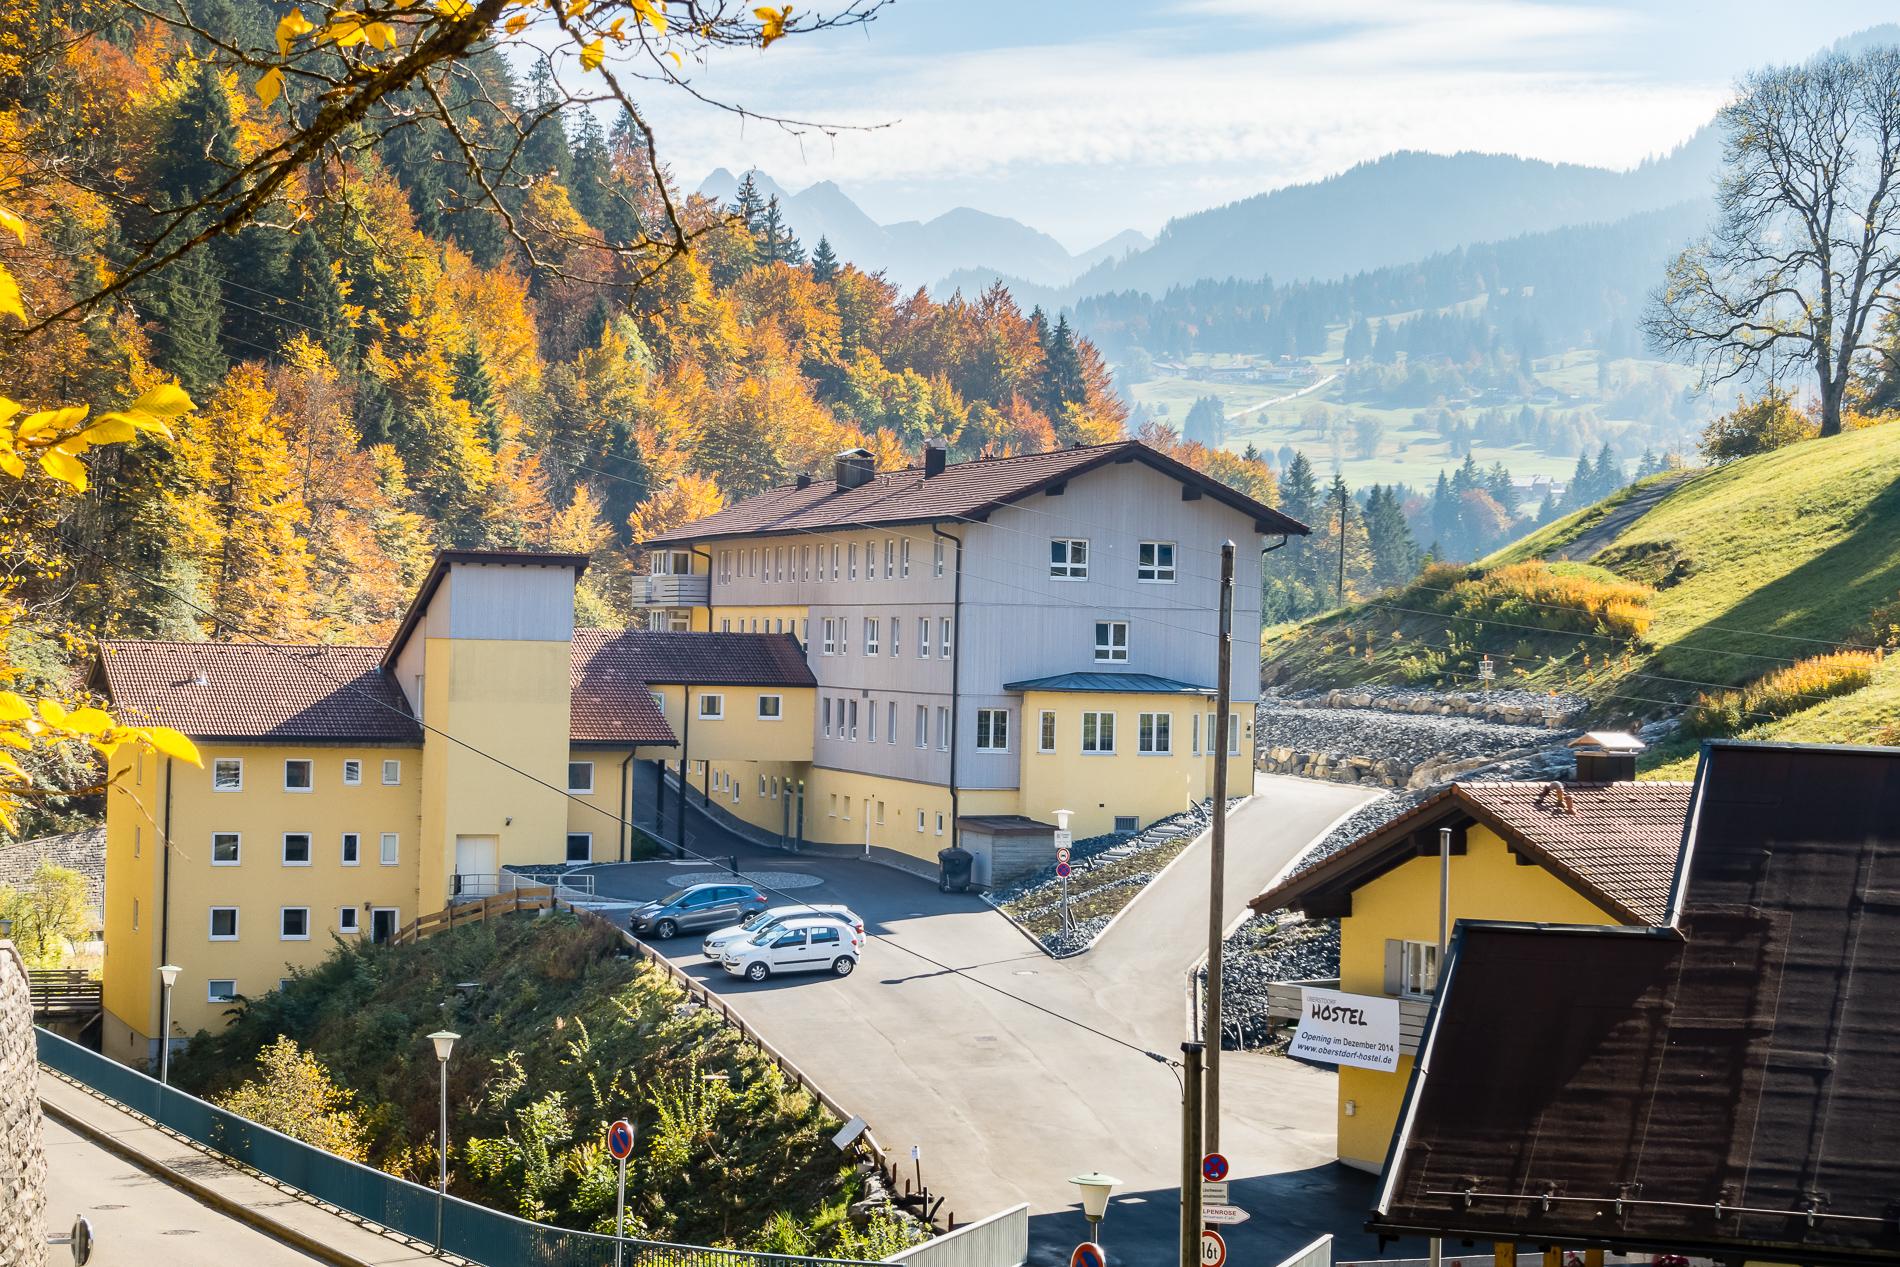 Oberstdorf Hostel im Herbst vor der Retusche Original